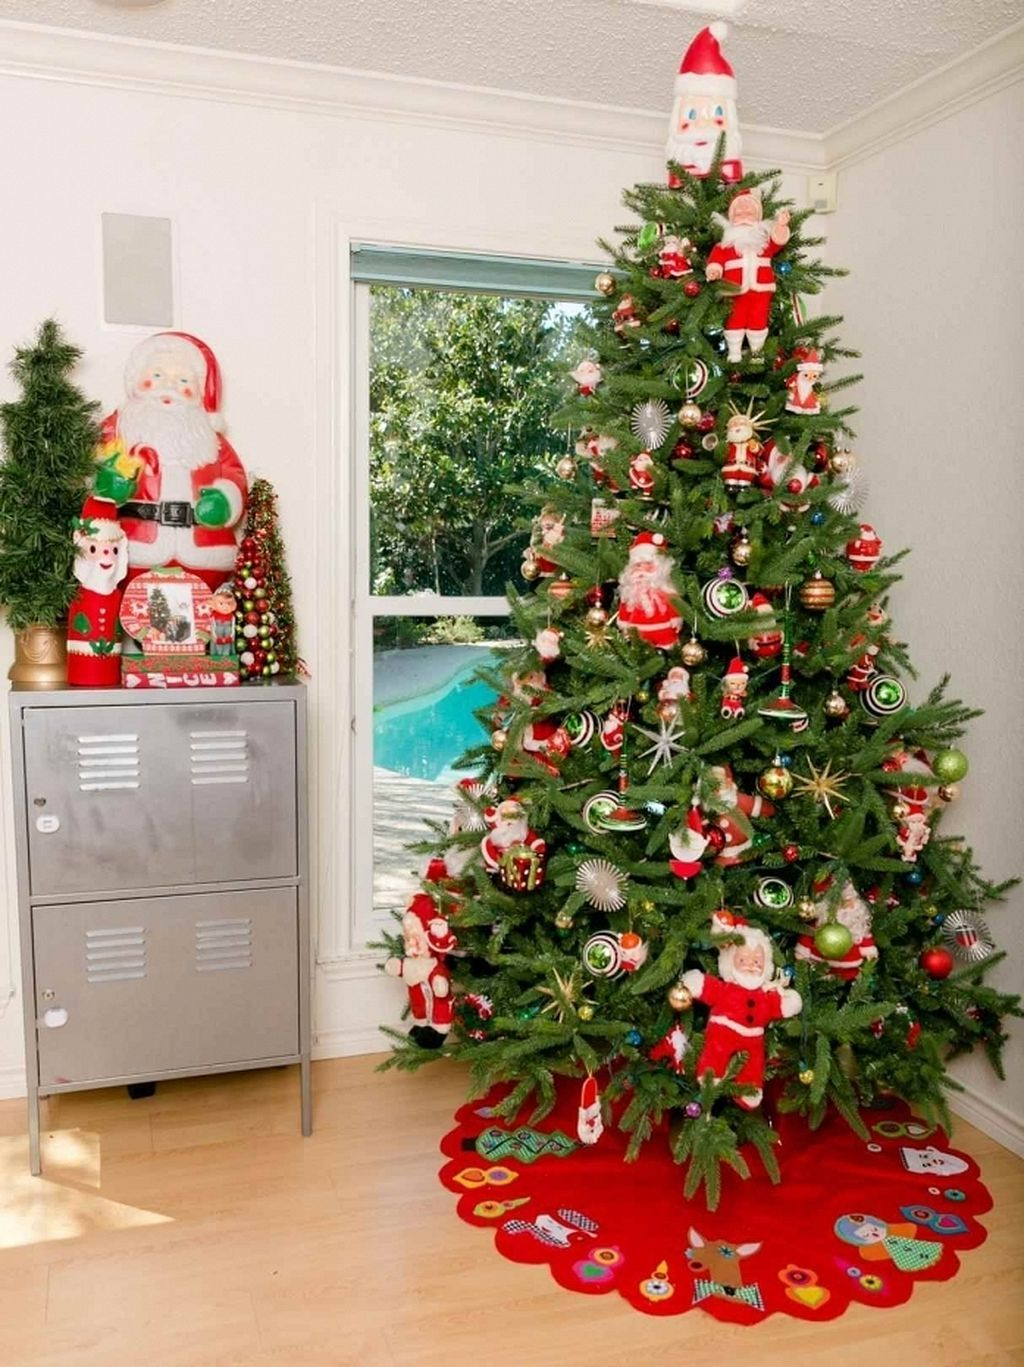 30 Ideas De árboles De Navidad 2018 Que Son La última Tendencia En